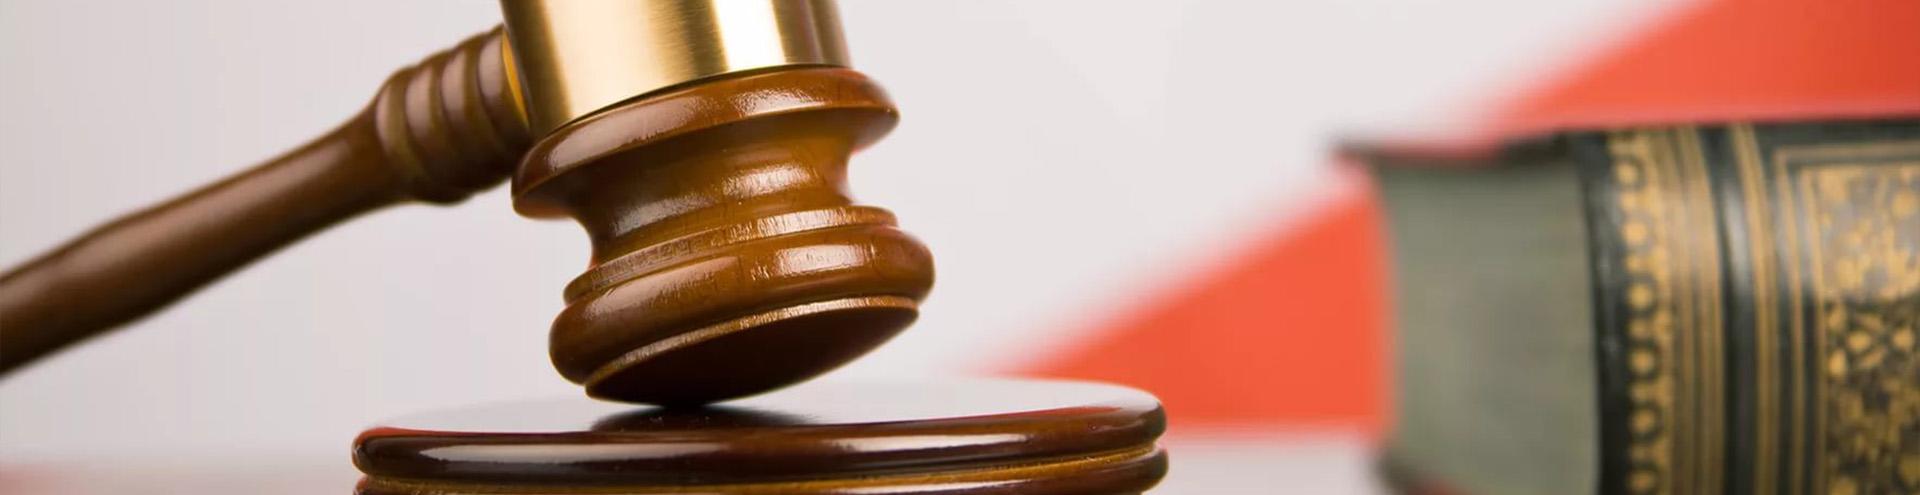 выдача судебного приказа в Краснодаре и Краснодарском крае